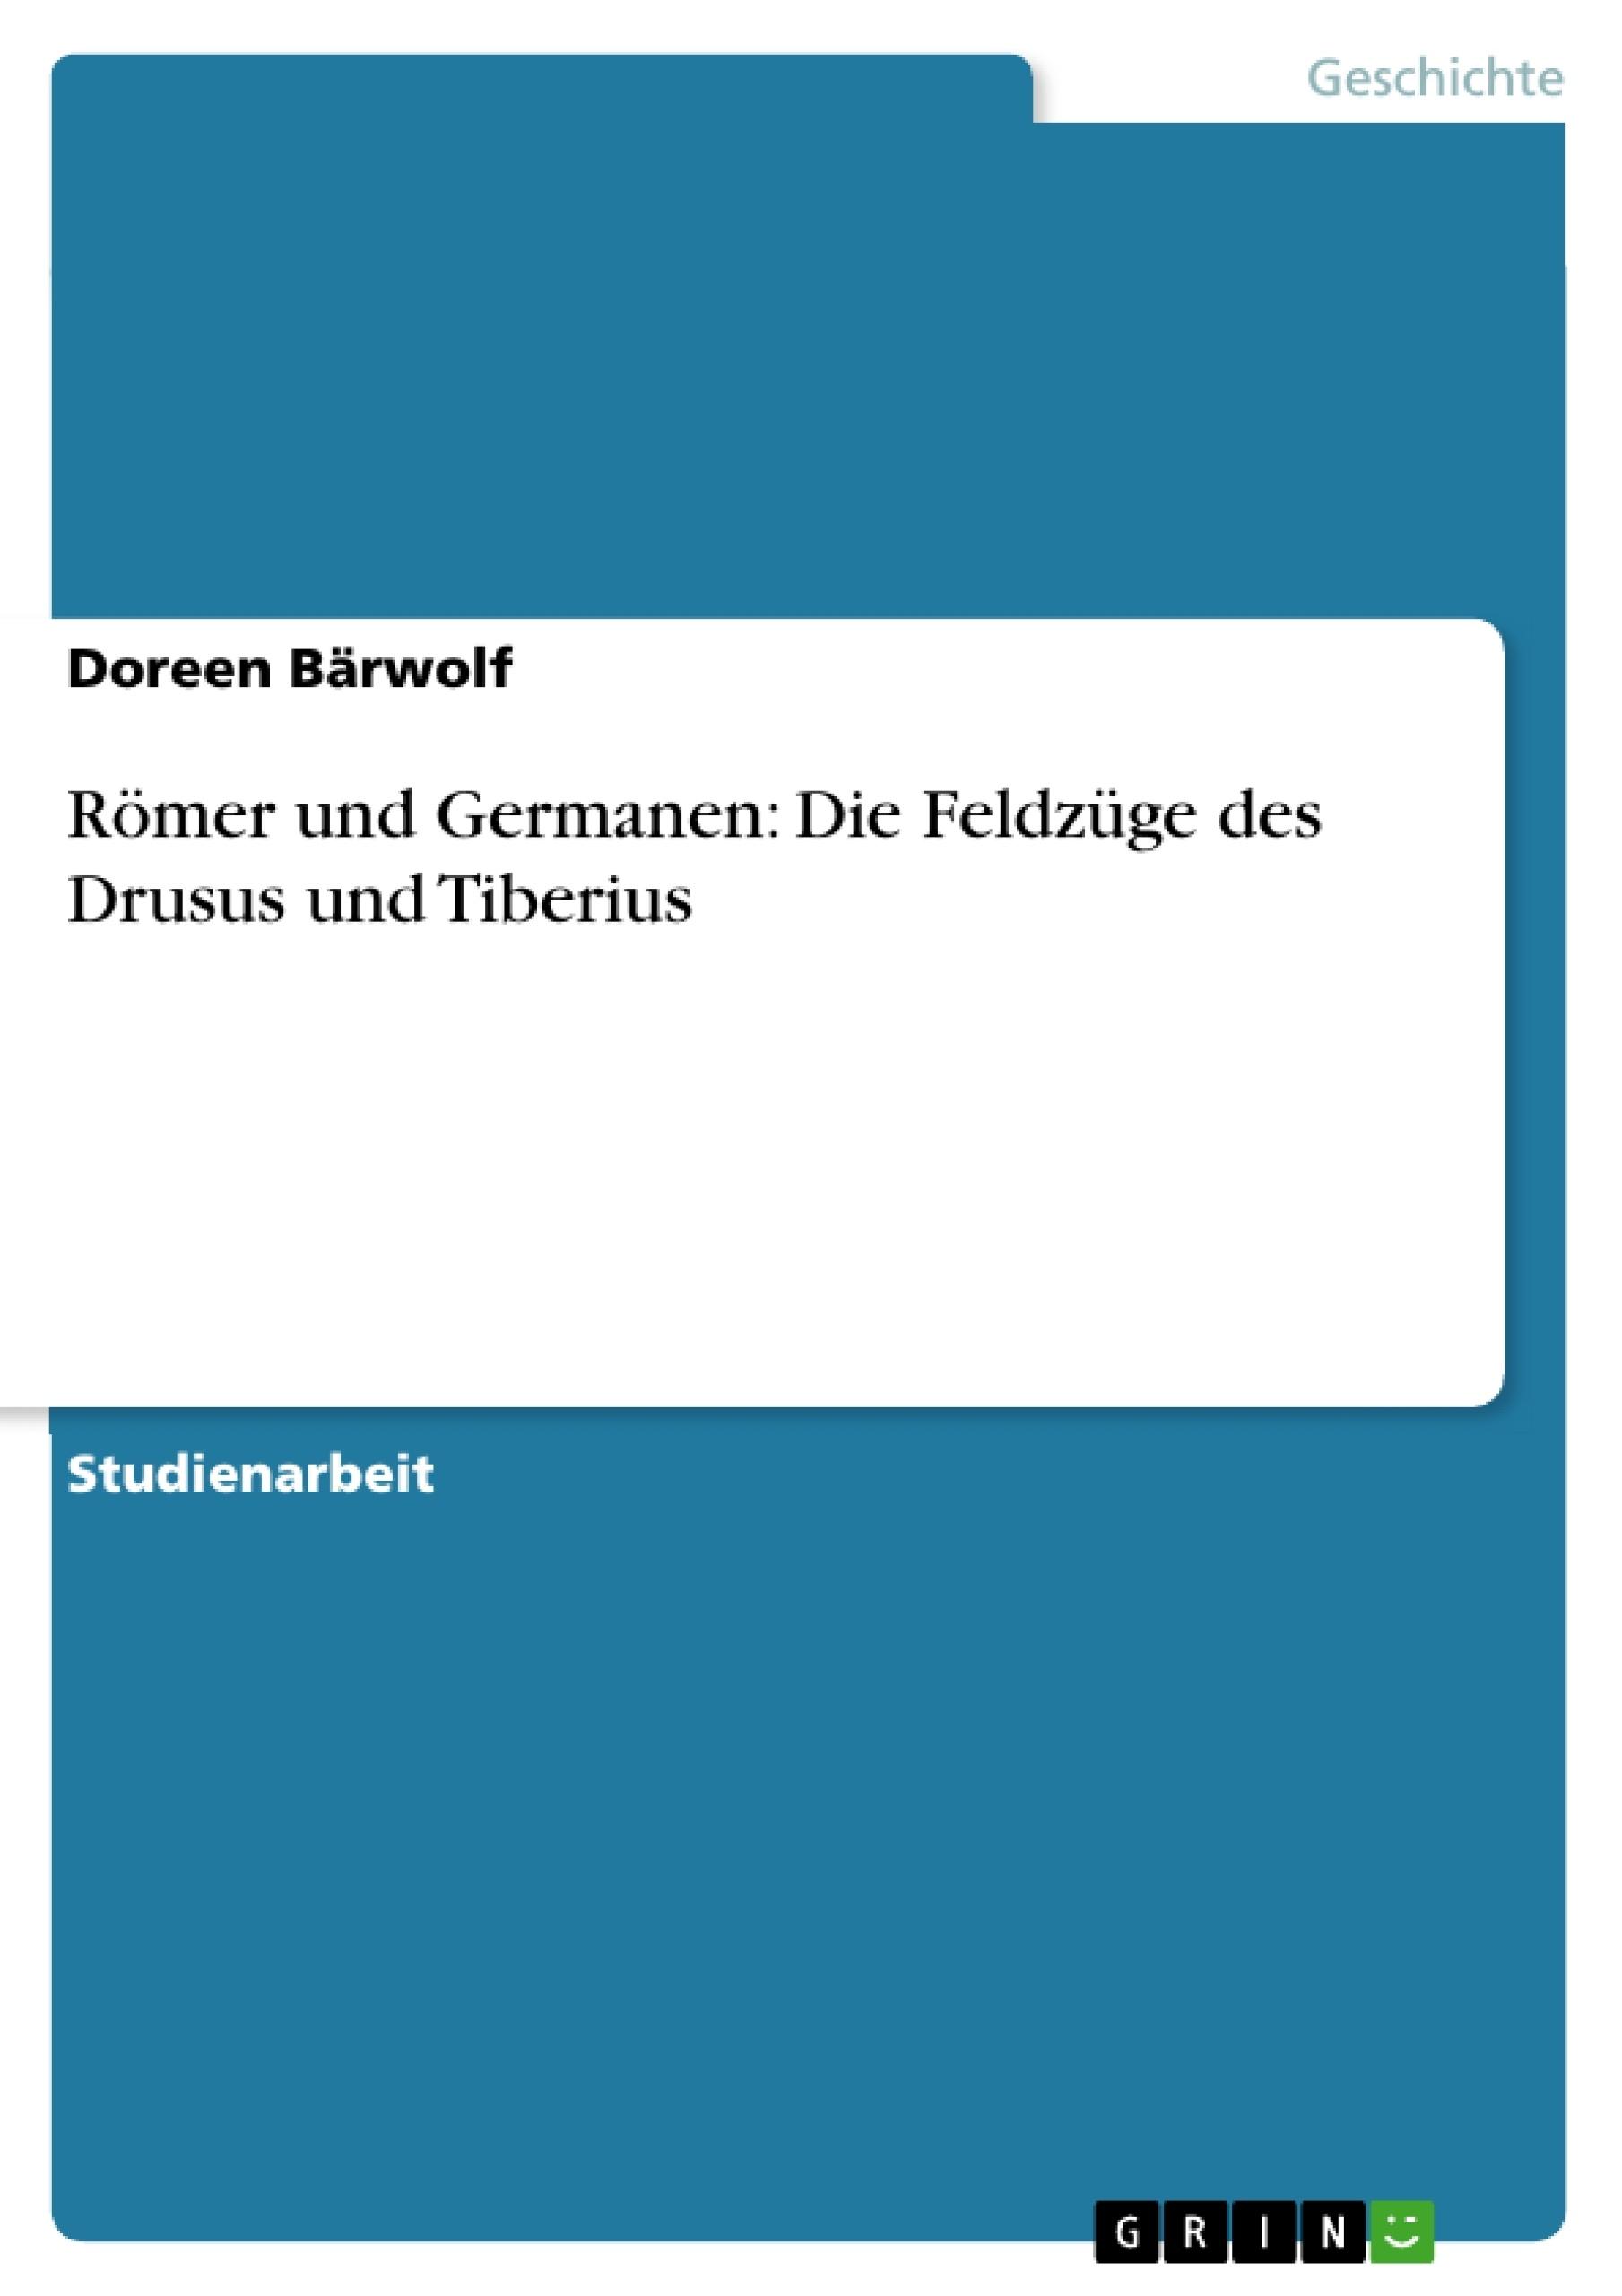 Titel: Römer und Germanen:  Die Feldzüge des Drusus und Tiberius